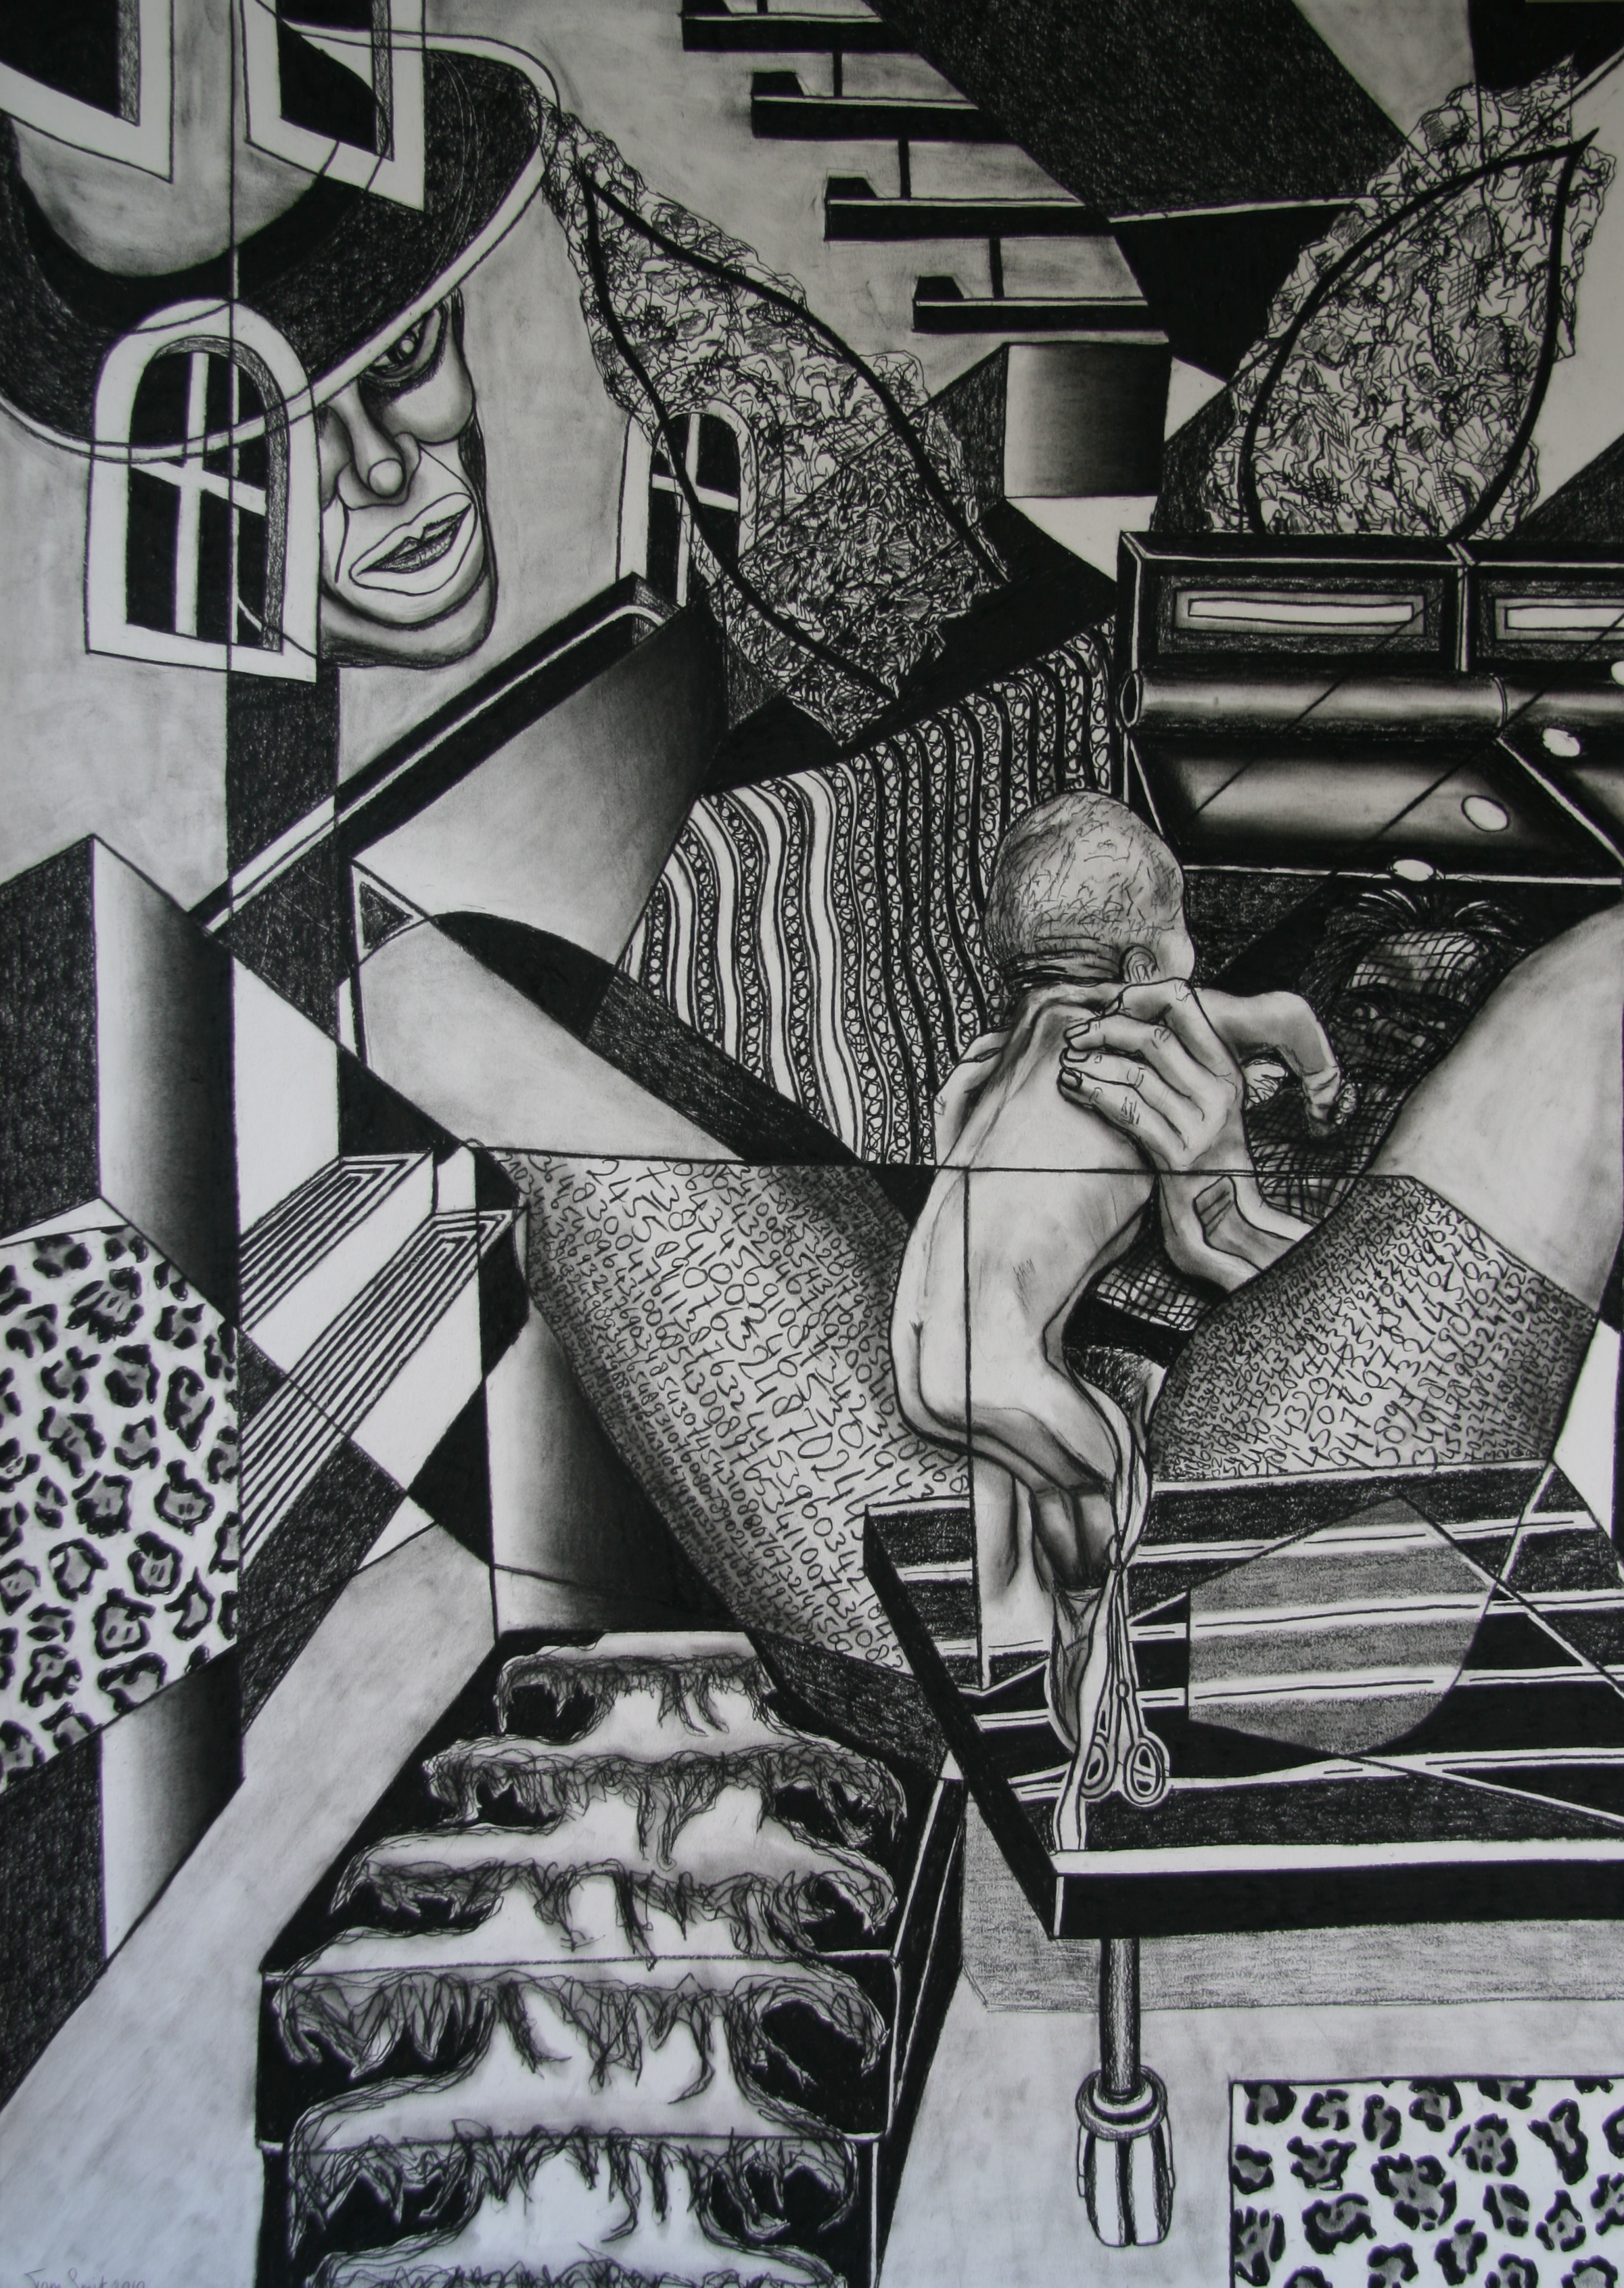 Stylist van de Sterren, 140x100cm, conte on paper